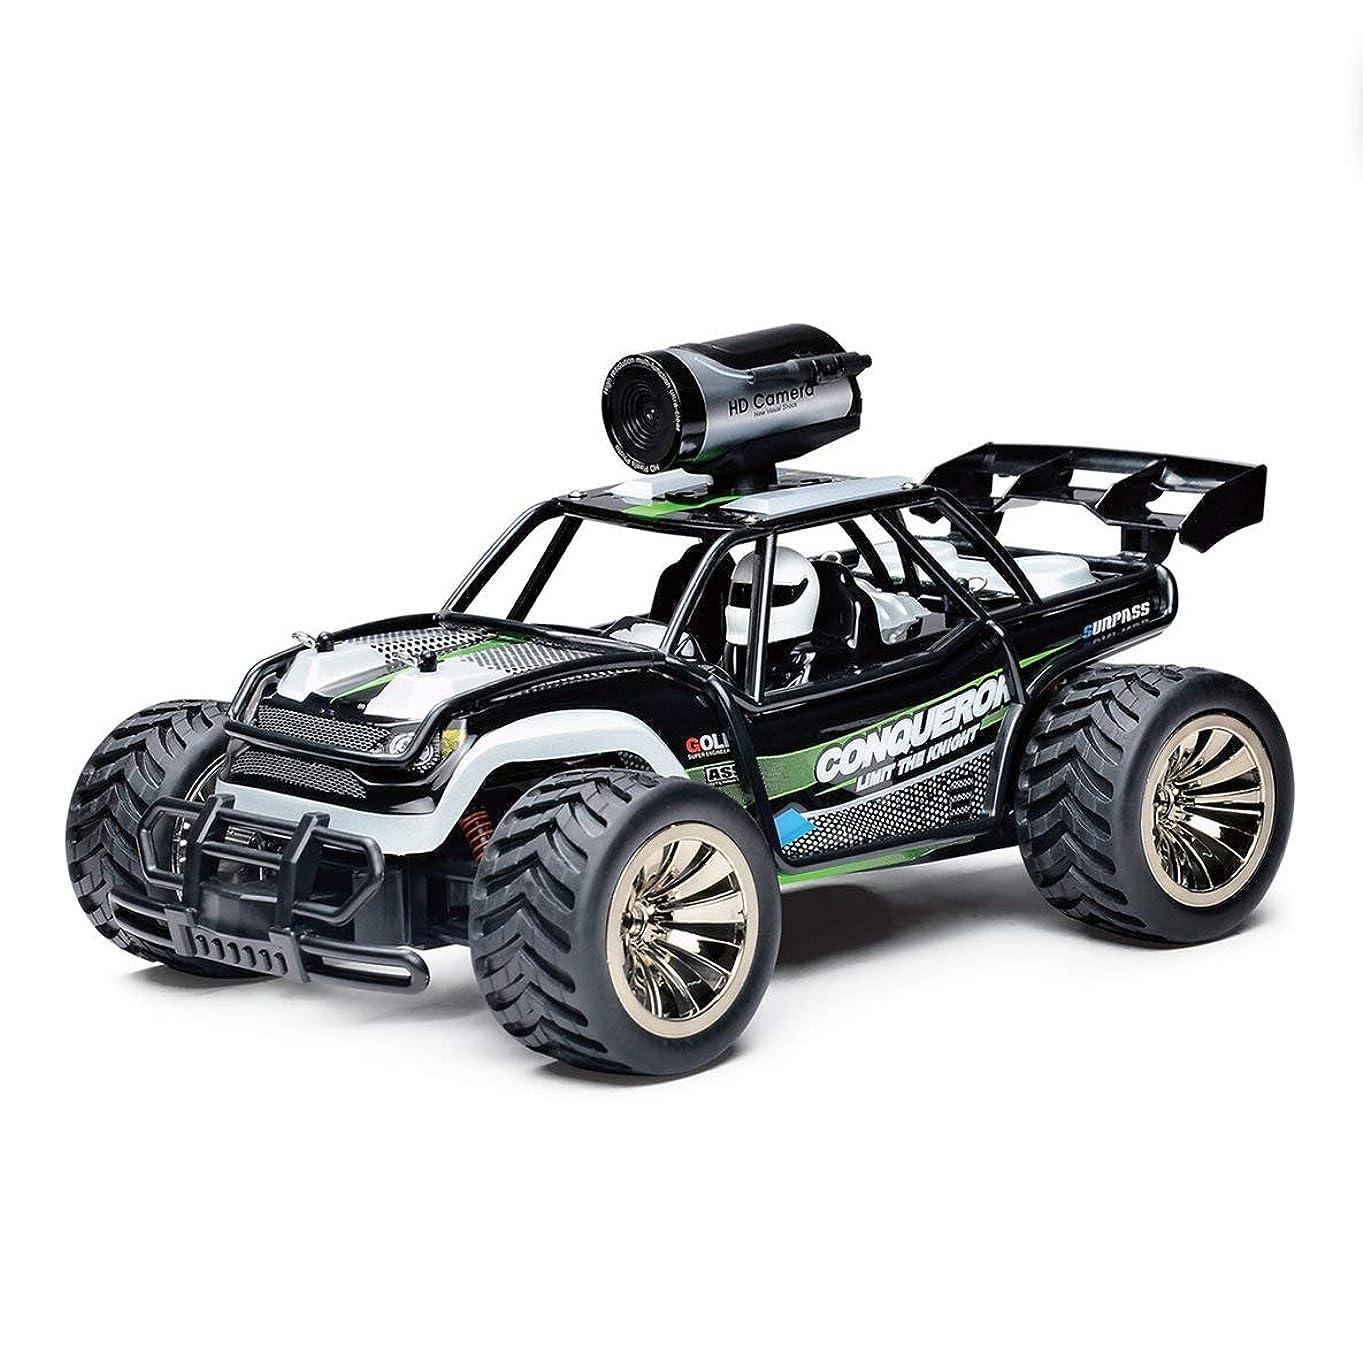 意識的オーストラリアマットMolySun ラジコンカー WIFI機能搭載 空撮カメラ付き リモコンカー 車 リアルタイム伝送 2.4G high-高速 1:16 model バッテリー付き 操作簡単 緑